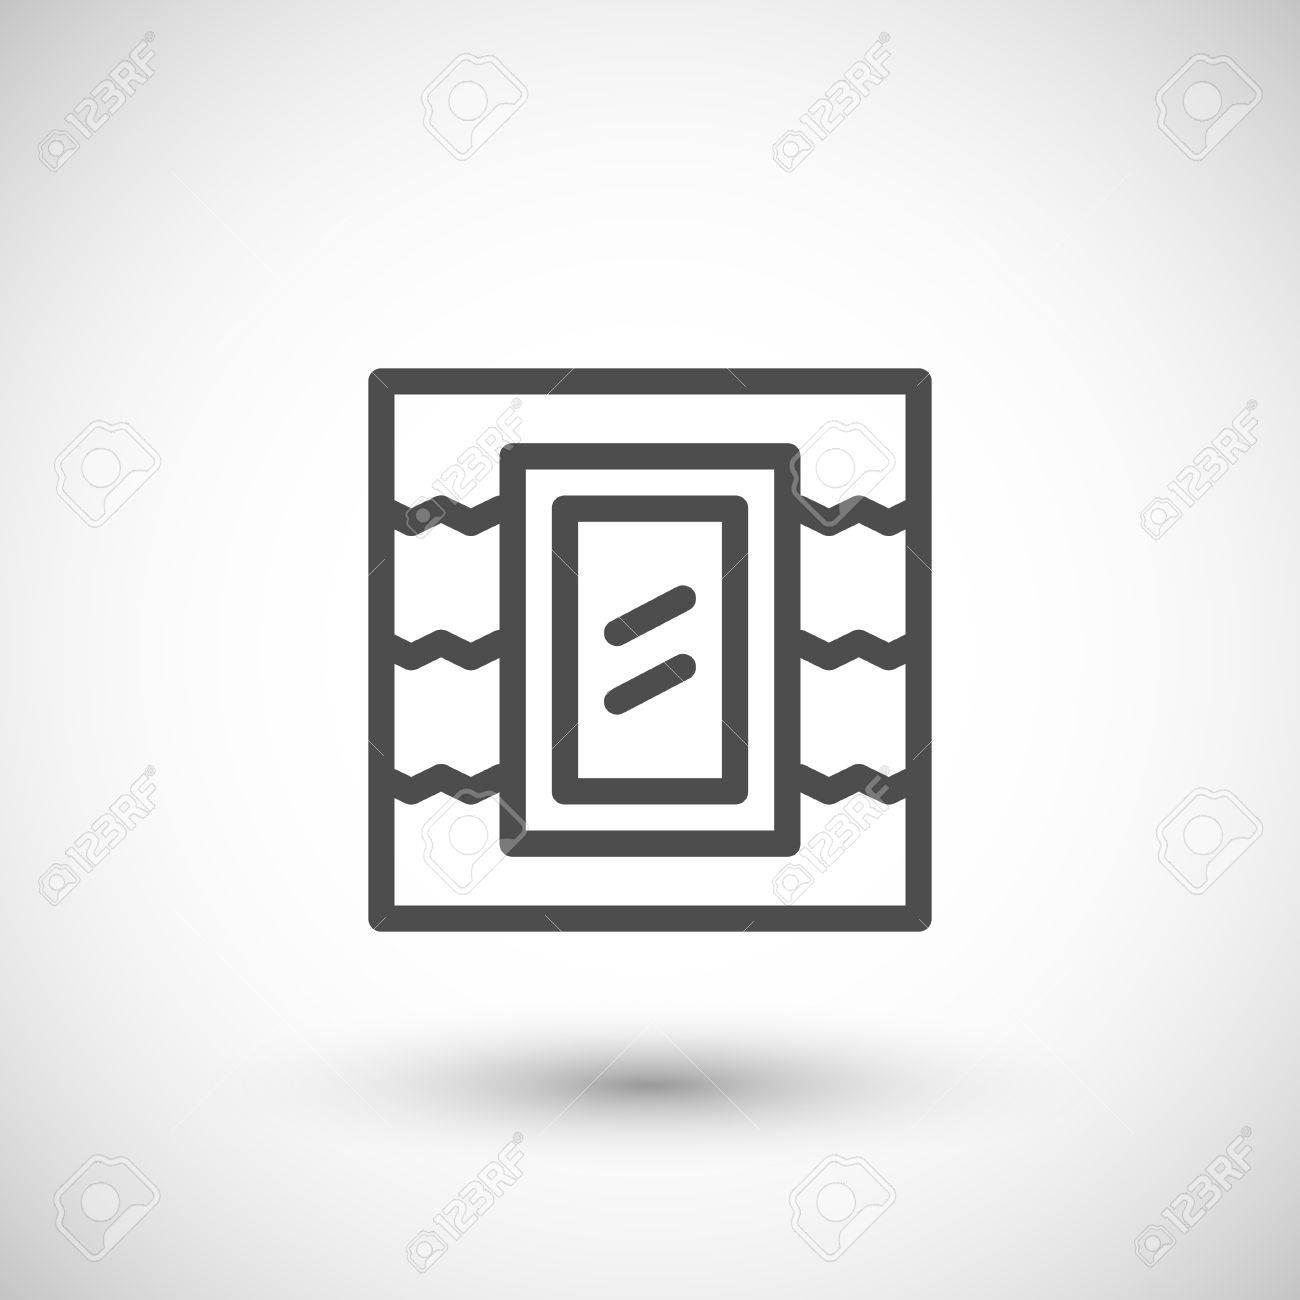 Icône De Ligne De Fenêtre De Toit Isolée Sur Fond Gris Illustration